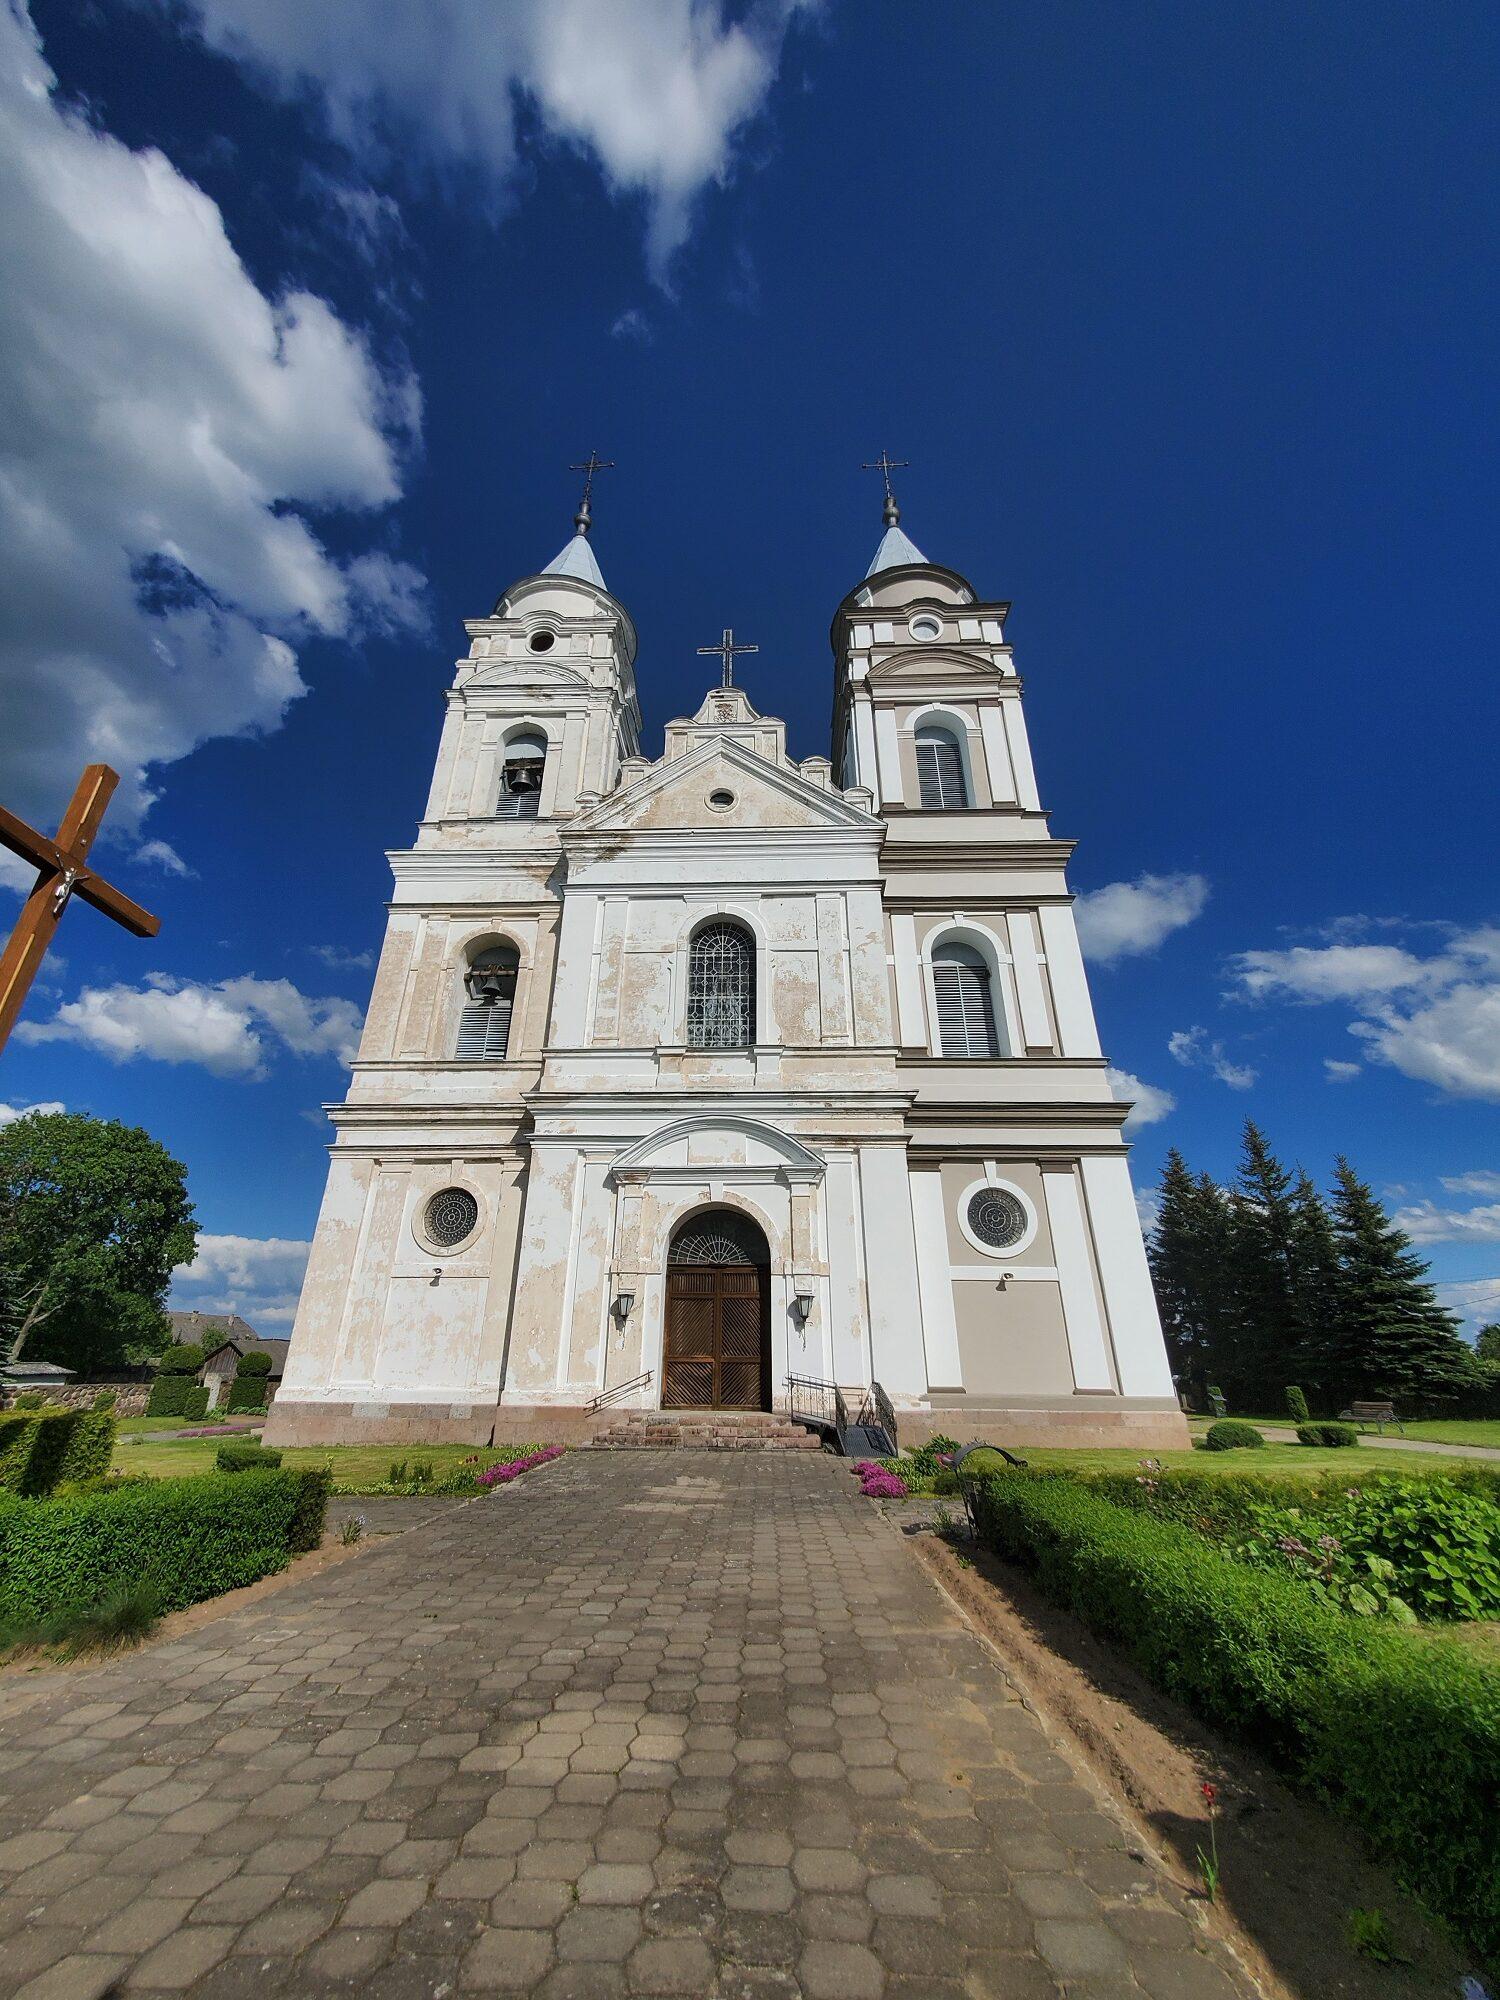 20200606 164727 rotated - Костел Пресвятой Девы Марии в деревне Парафьяново